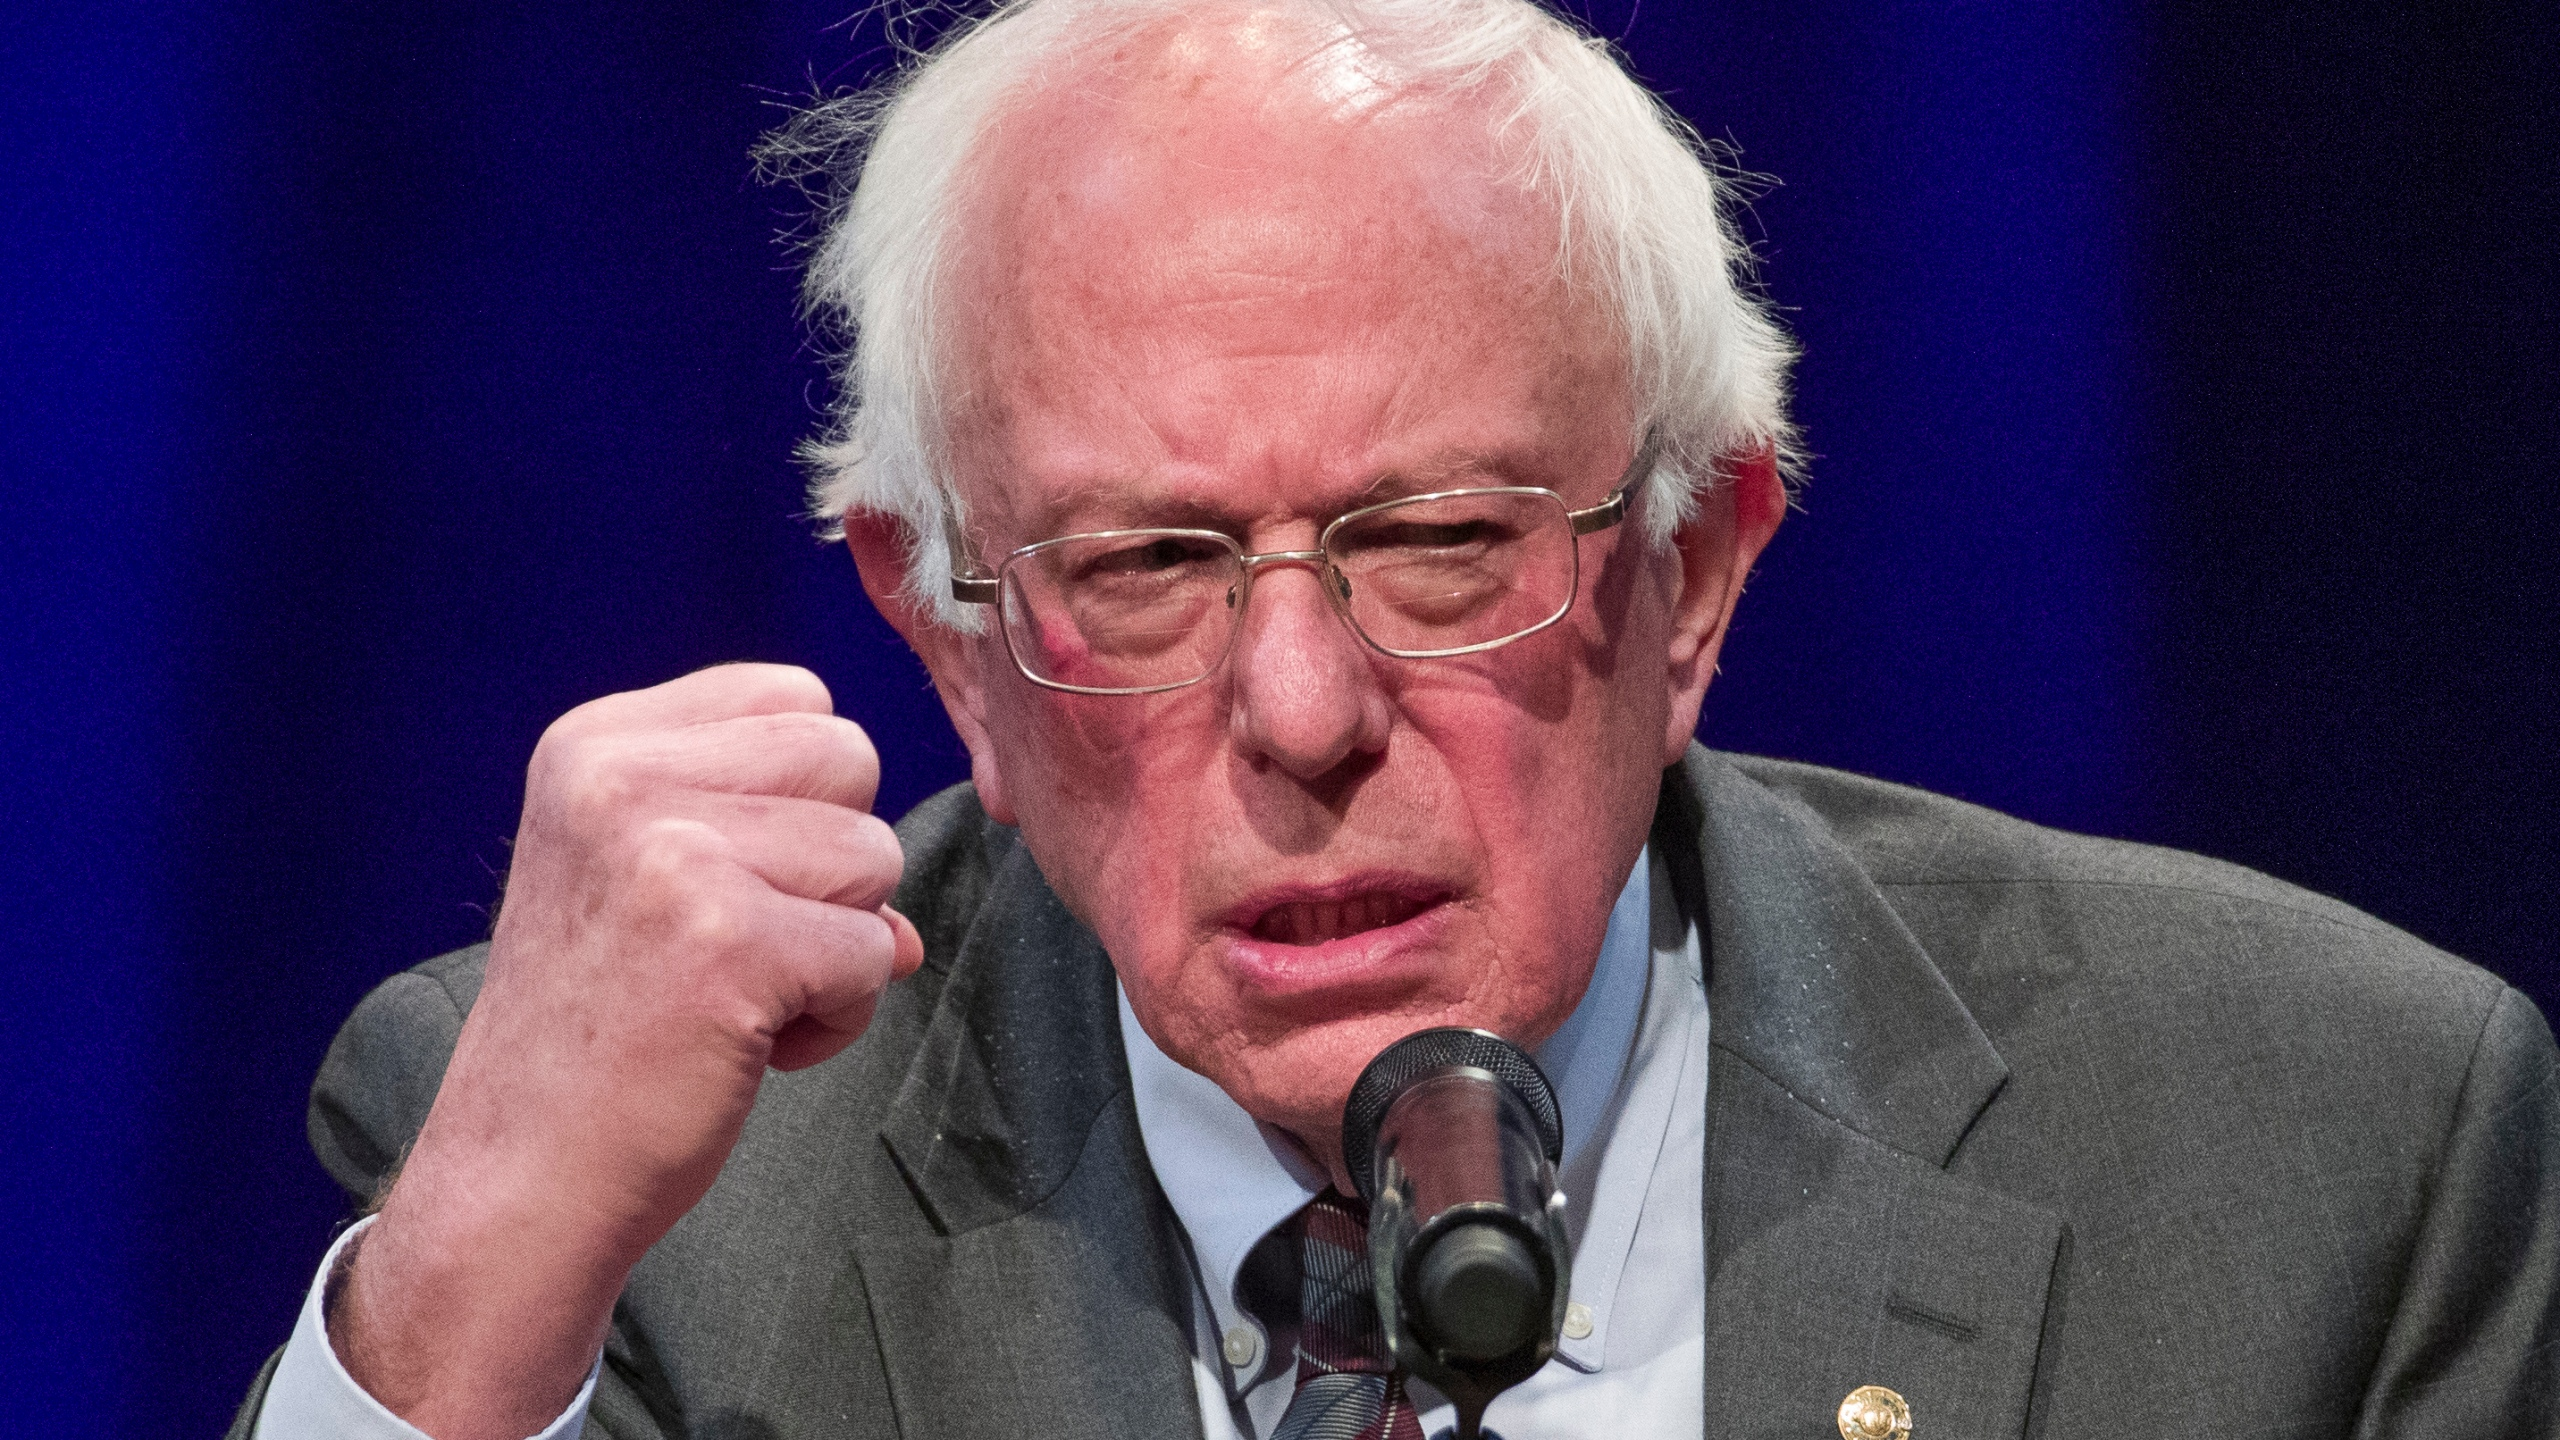 Election_2020_Bernie_Sanders_27679-159532.jpg61561311